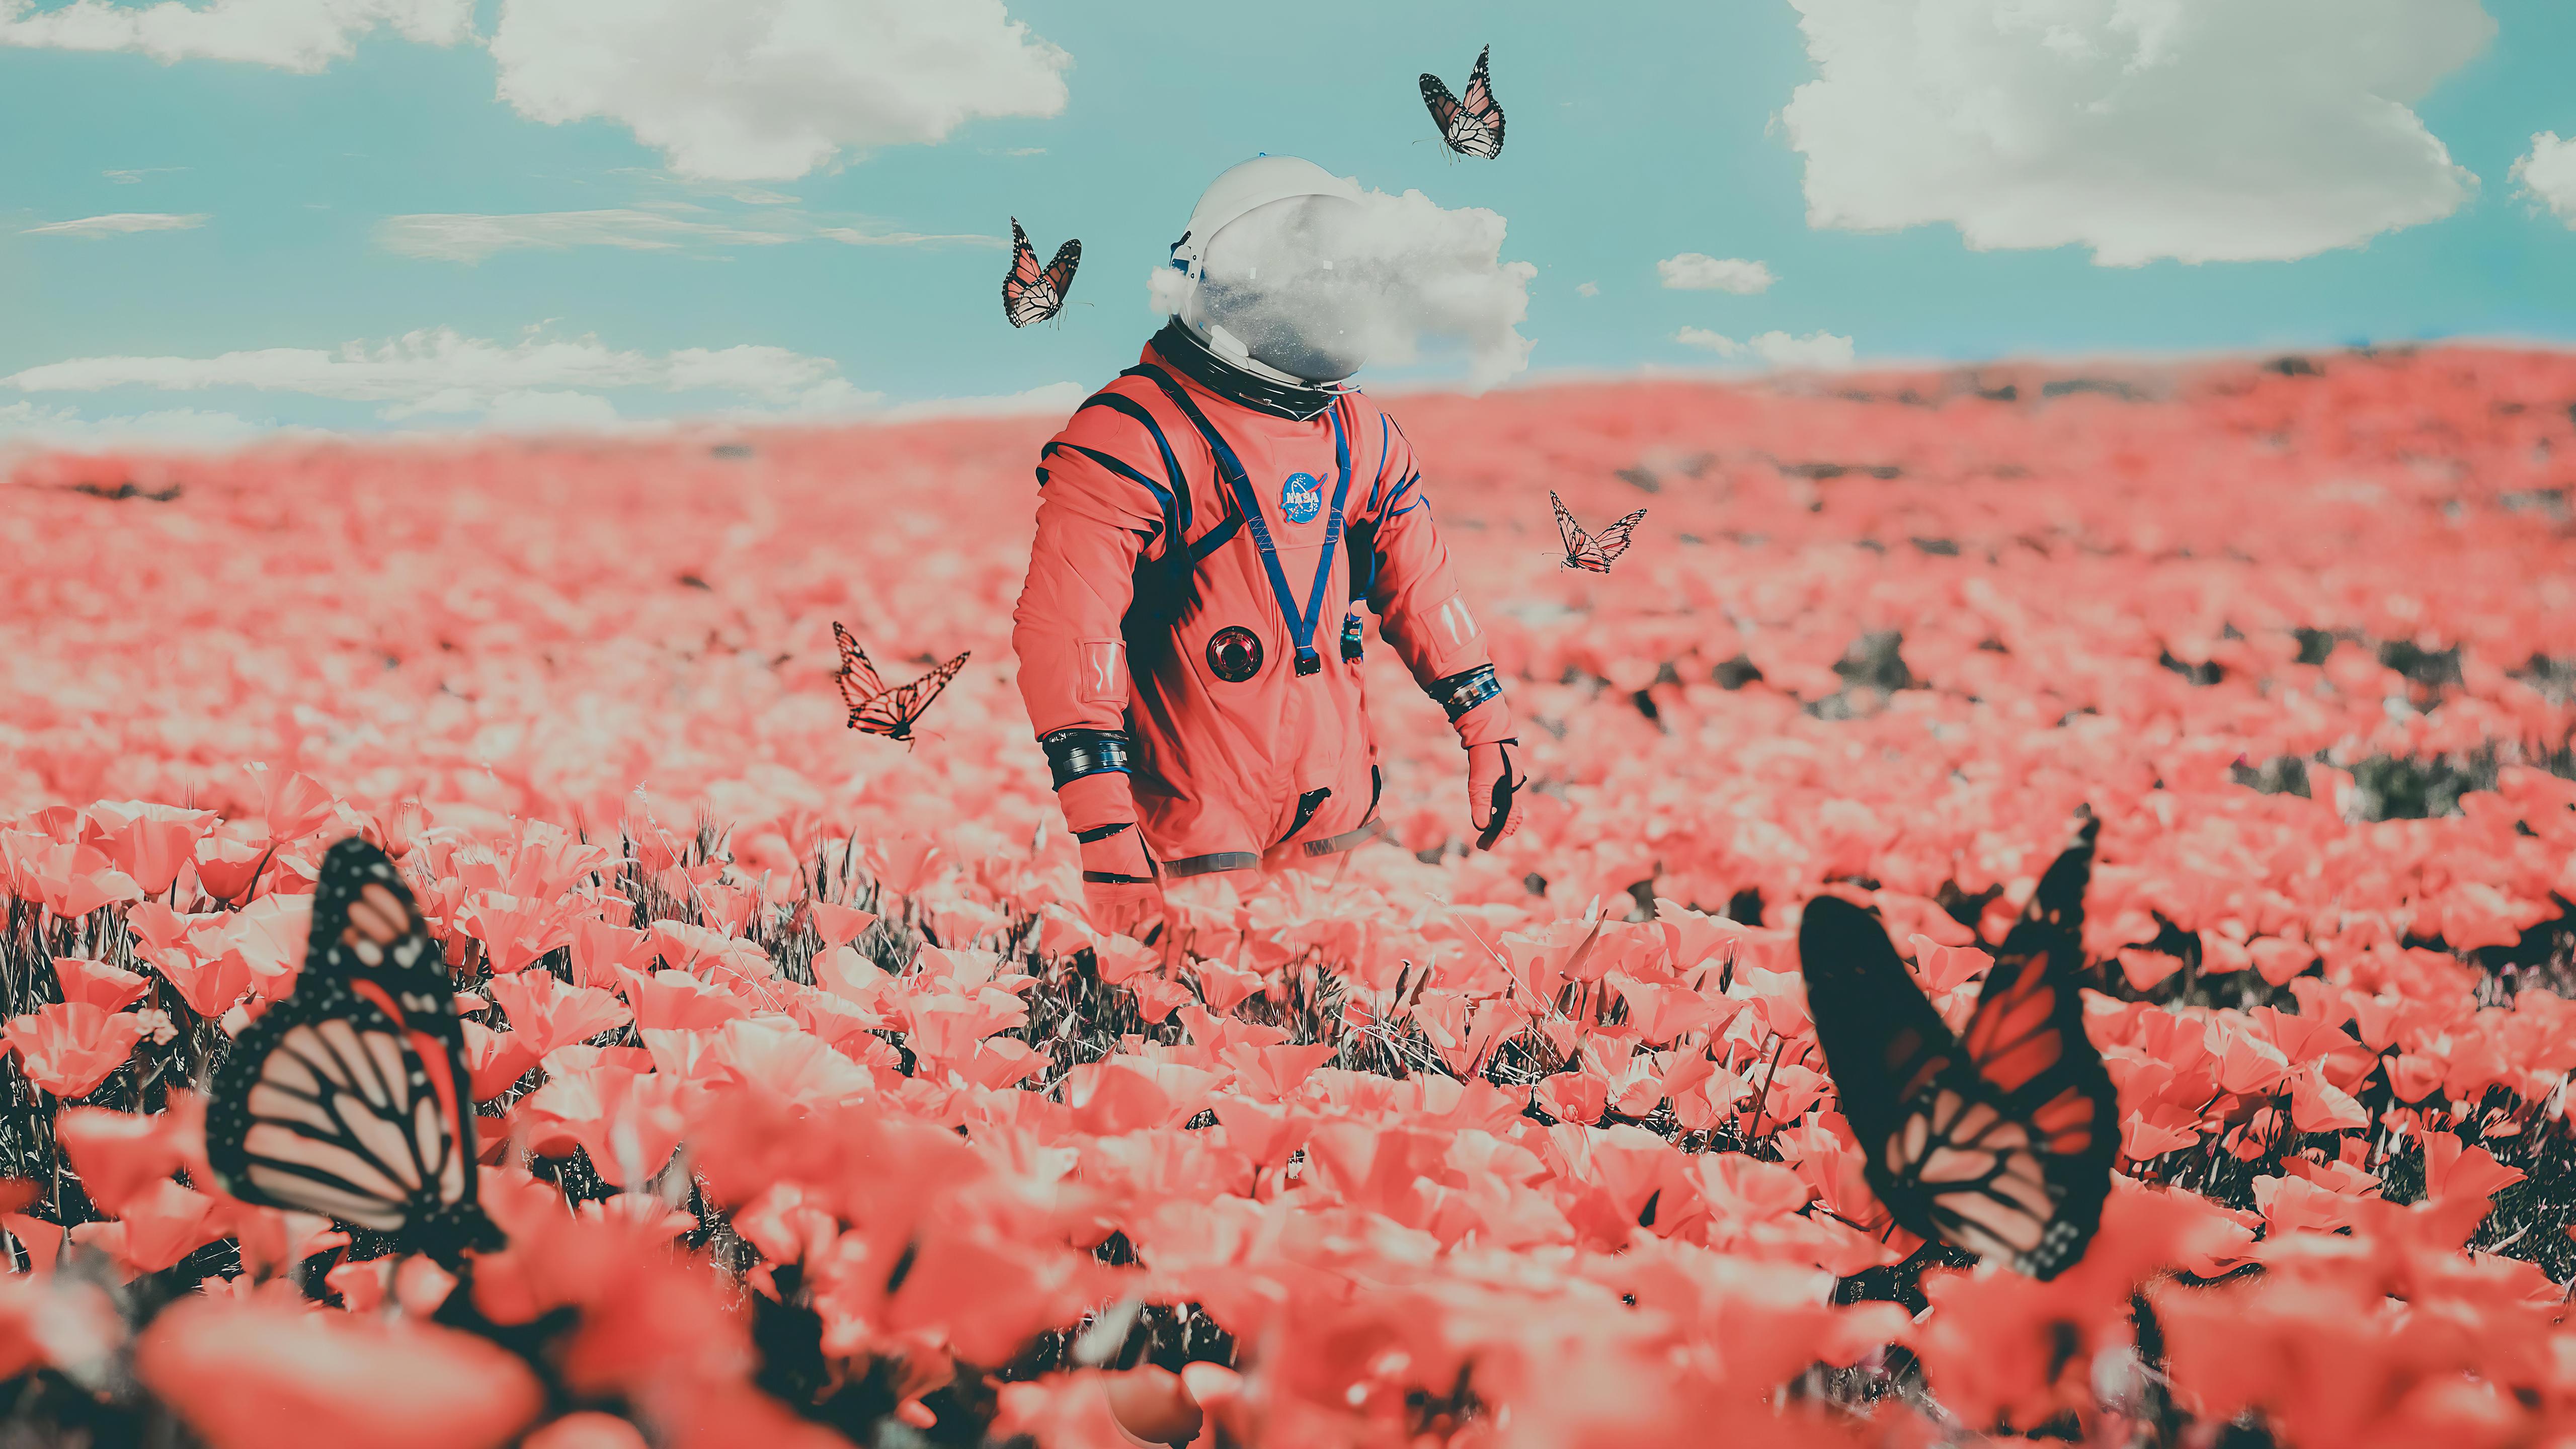 astronaut in butterflies 4k 1618133461 - Astronaut In Butterflies 4k - Astronaut In Butterflies 4k wallpapers